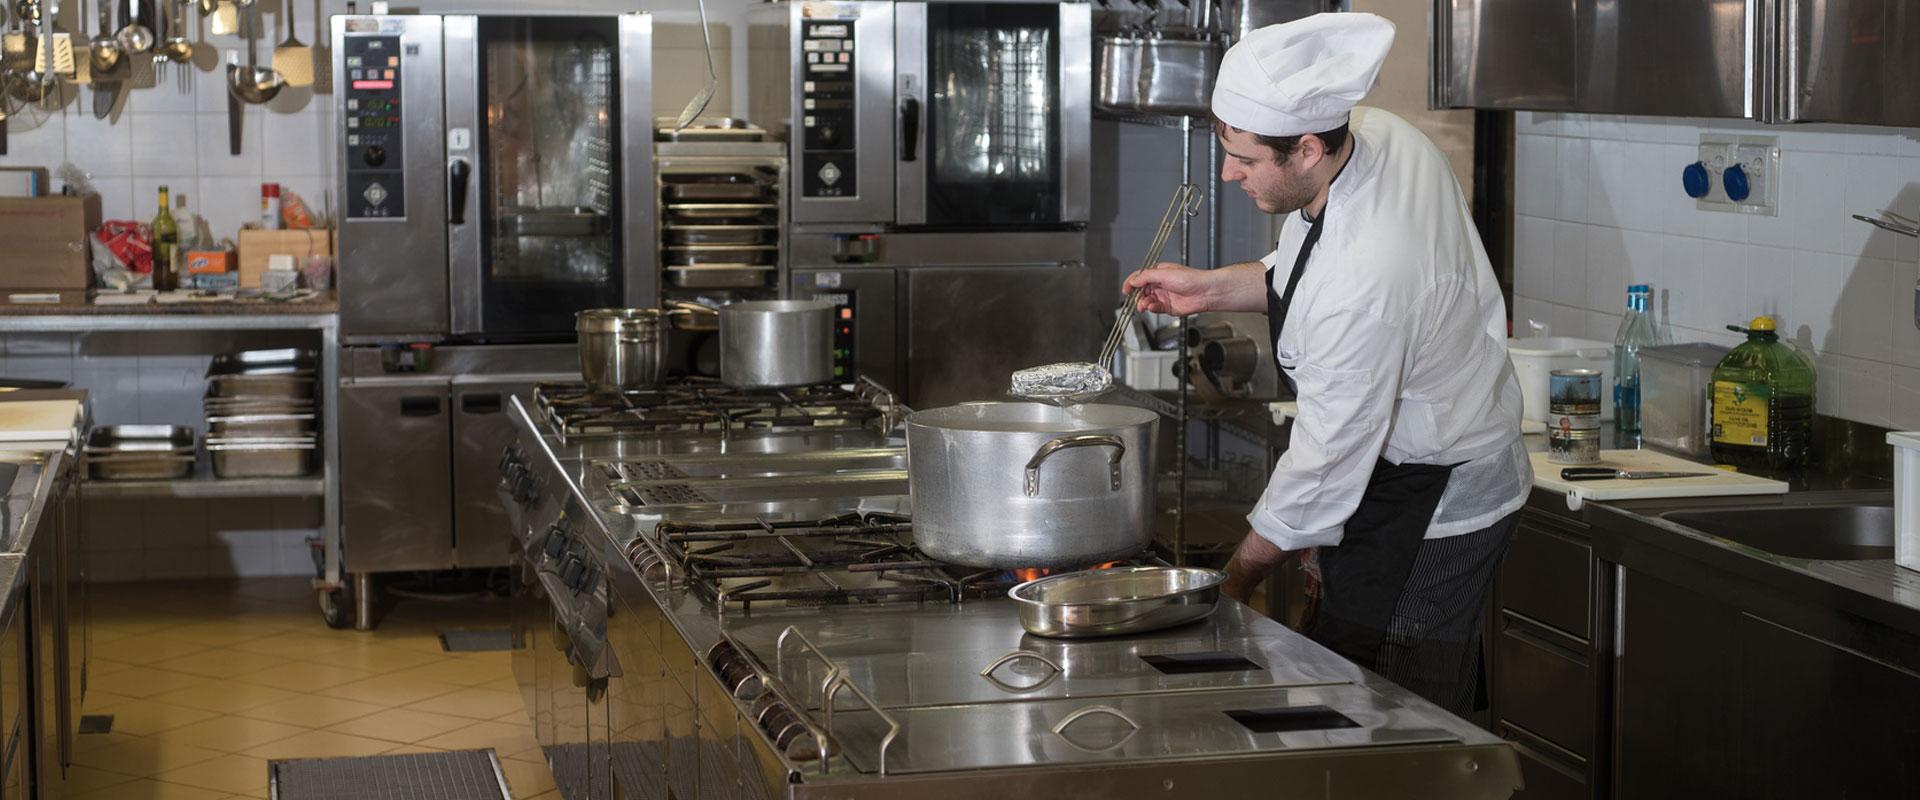 Ls froid vente installation et sav de mat riel frigorifique - Location de materiel de cuisine professionnelle ...